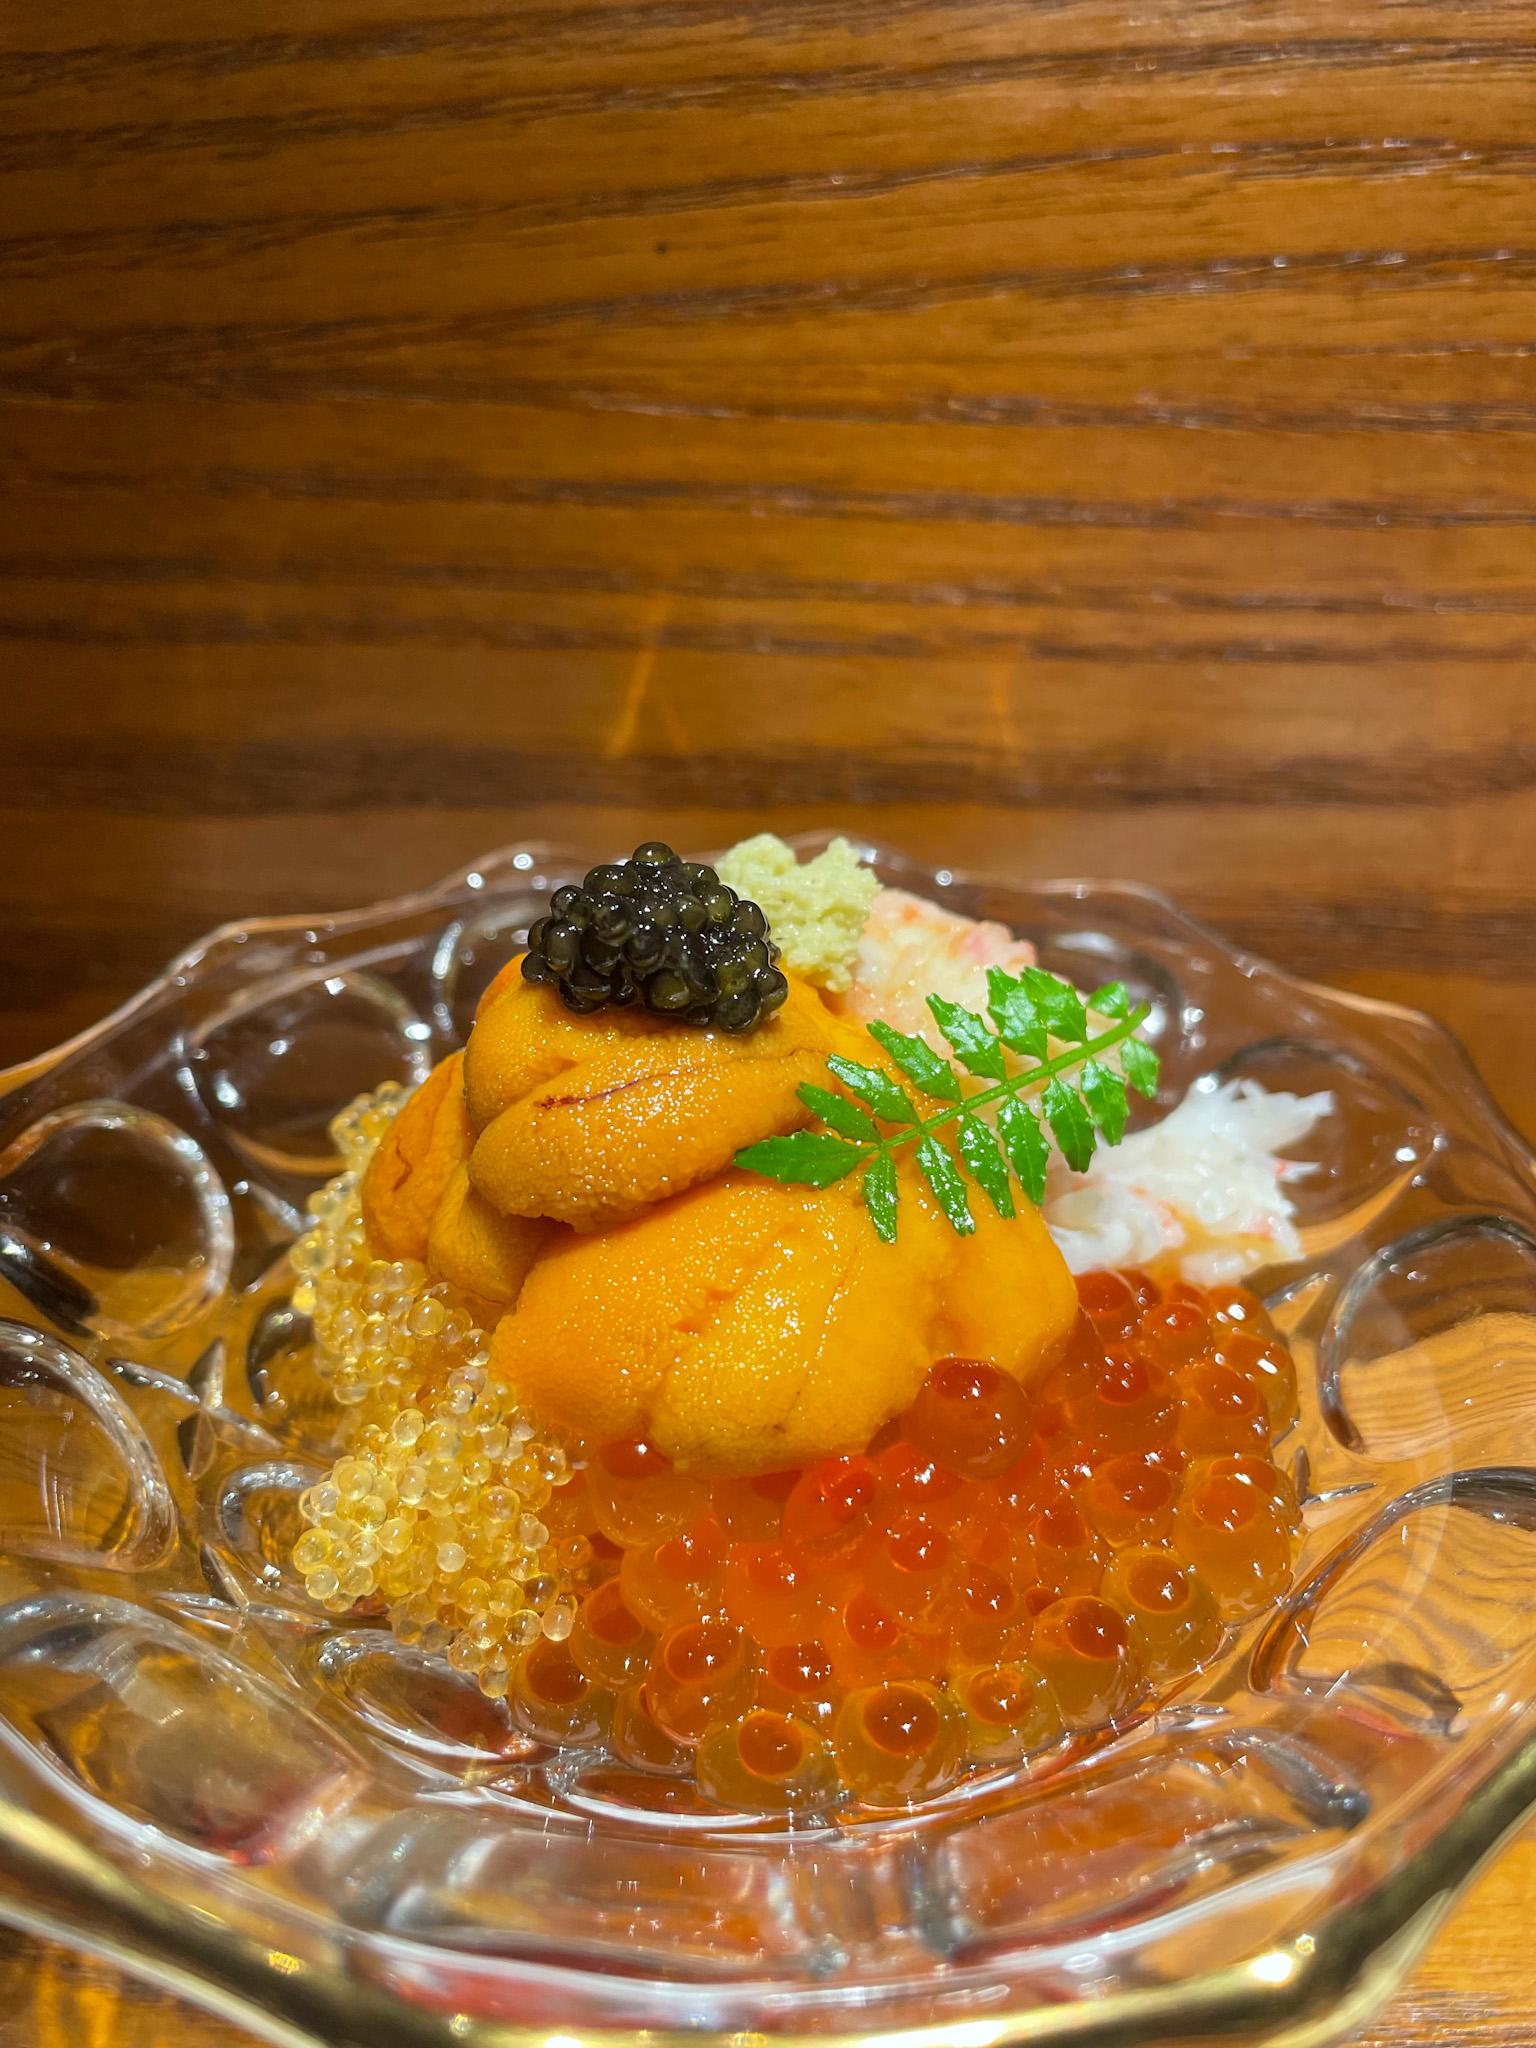 ichizuke don at sushi ichizuke